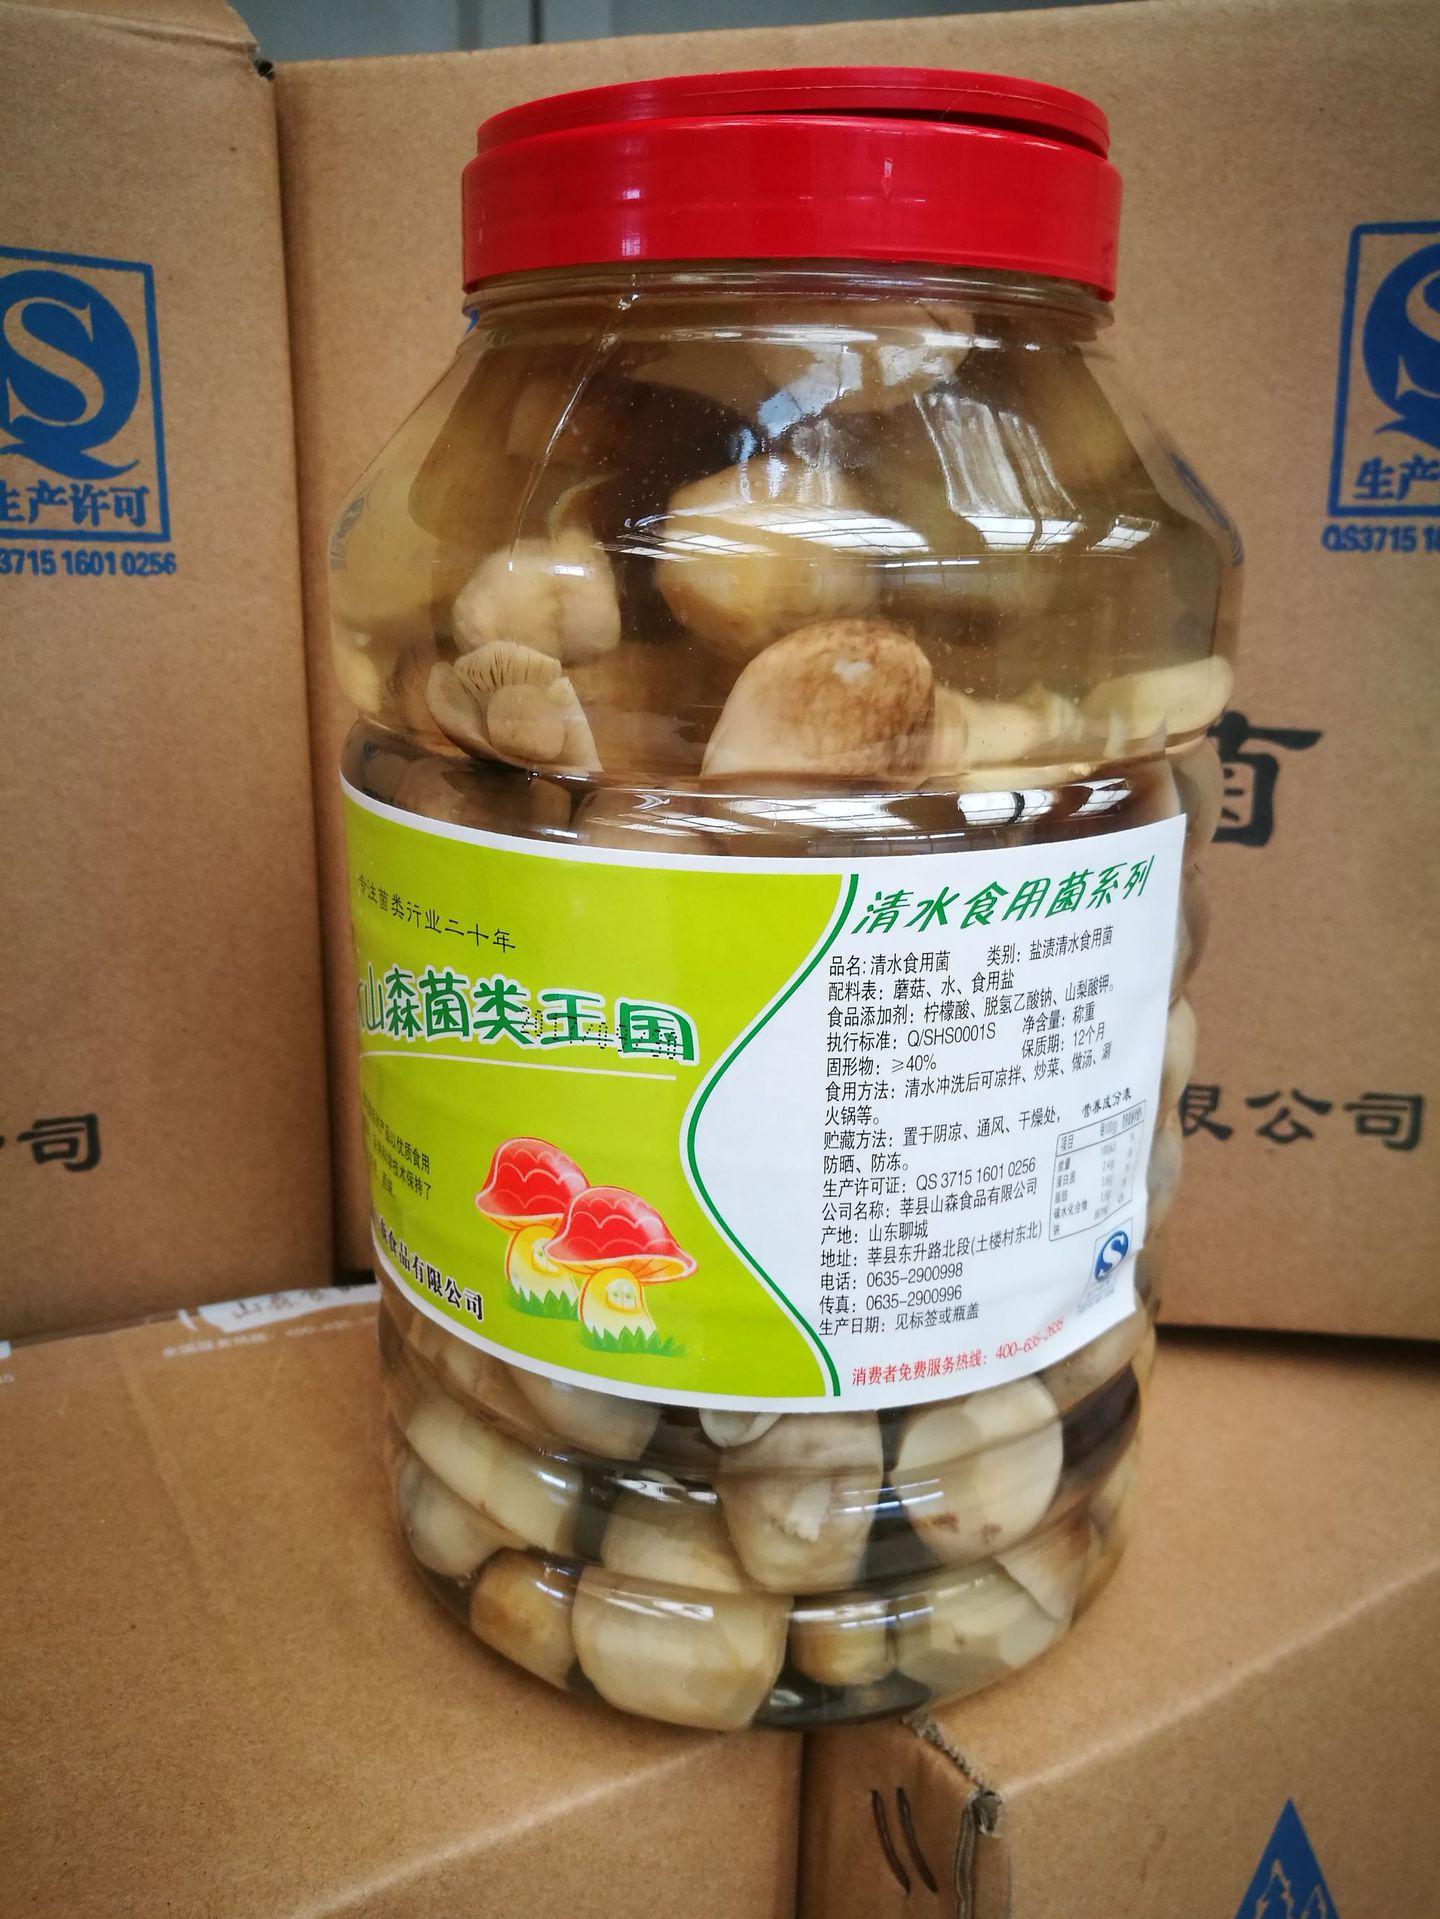 清水草菇饭店食堂餐饮食材原料